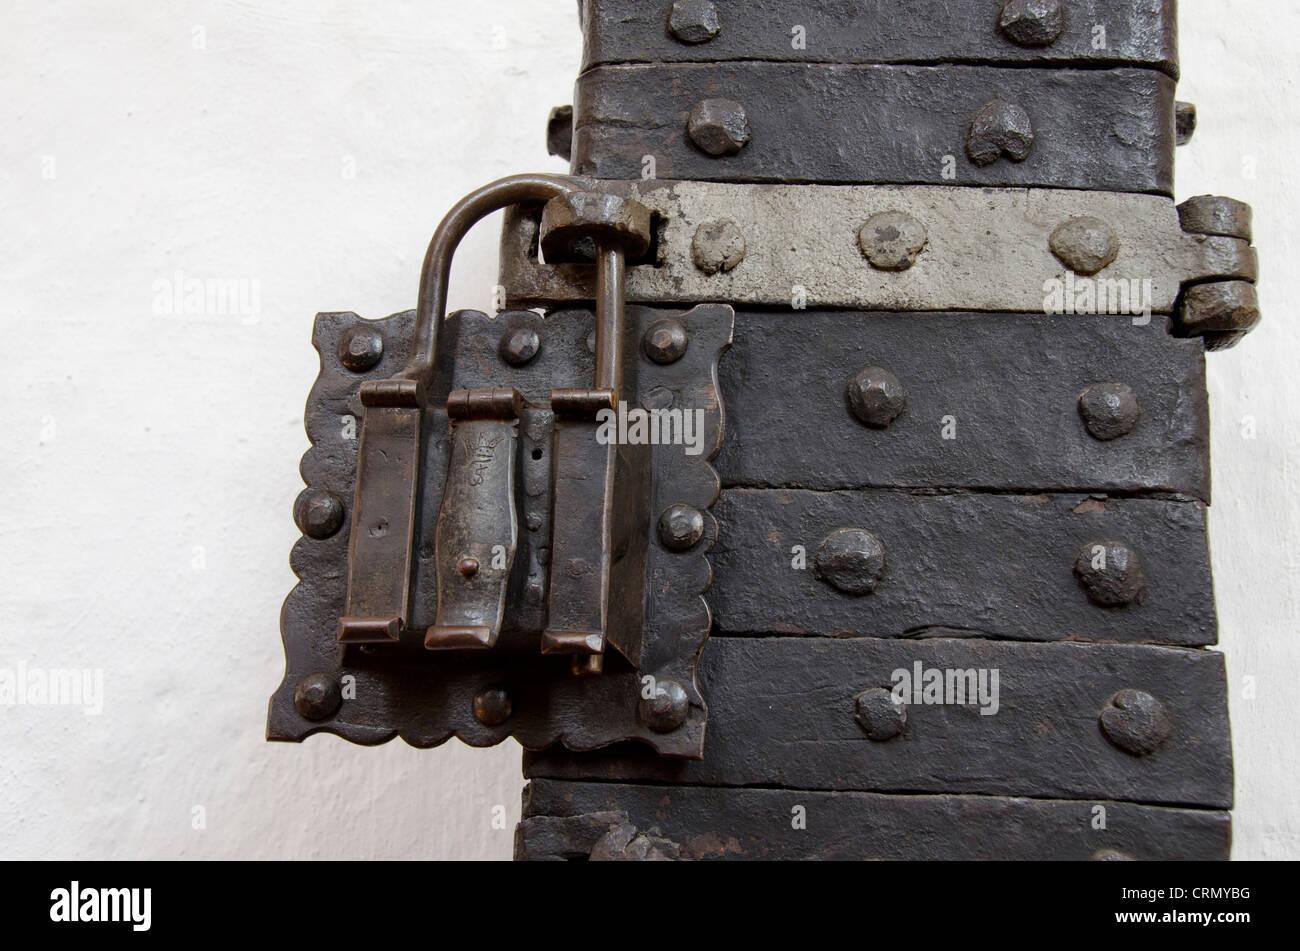 Denmark, Helsingoer. Helsingoer Domkirke St. Olai (aka Helsingoer Cathedral), old iron padlock. - Stock Image